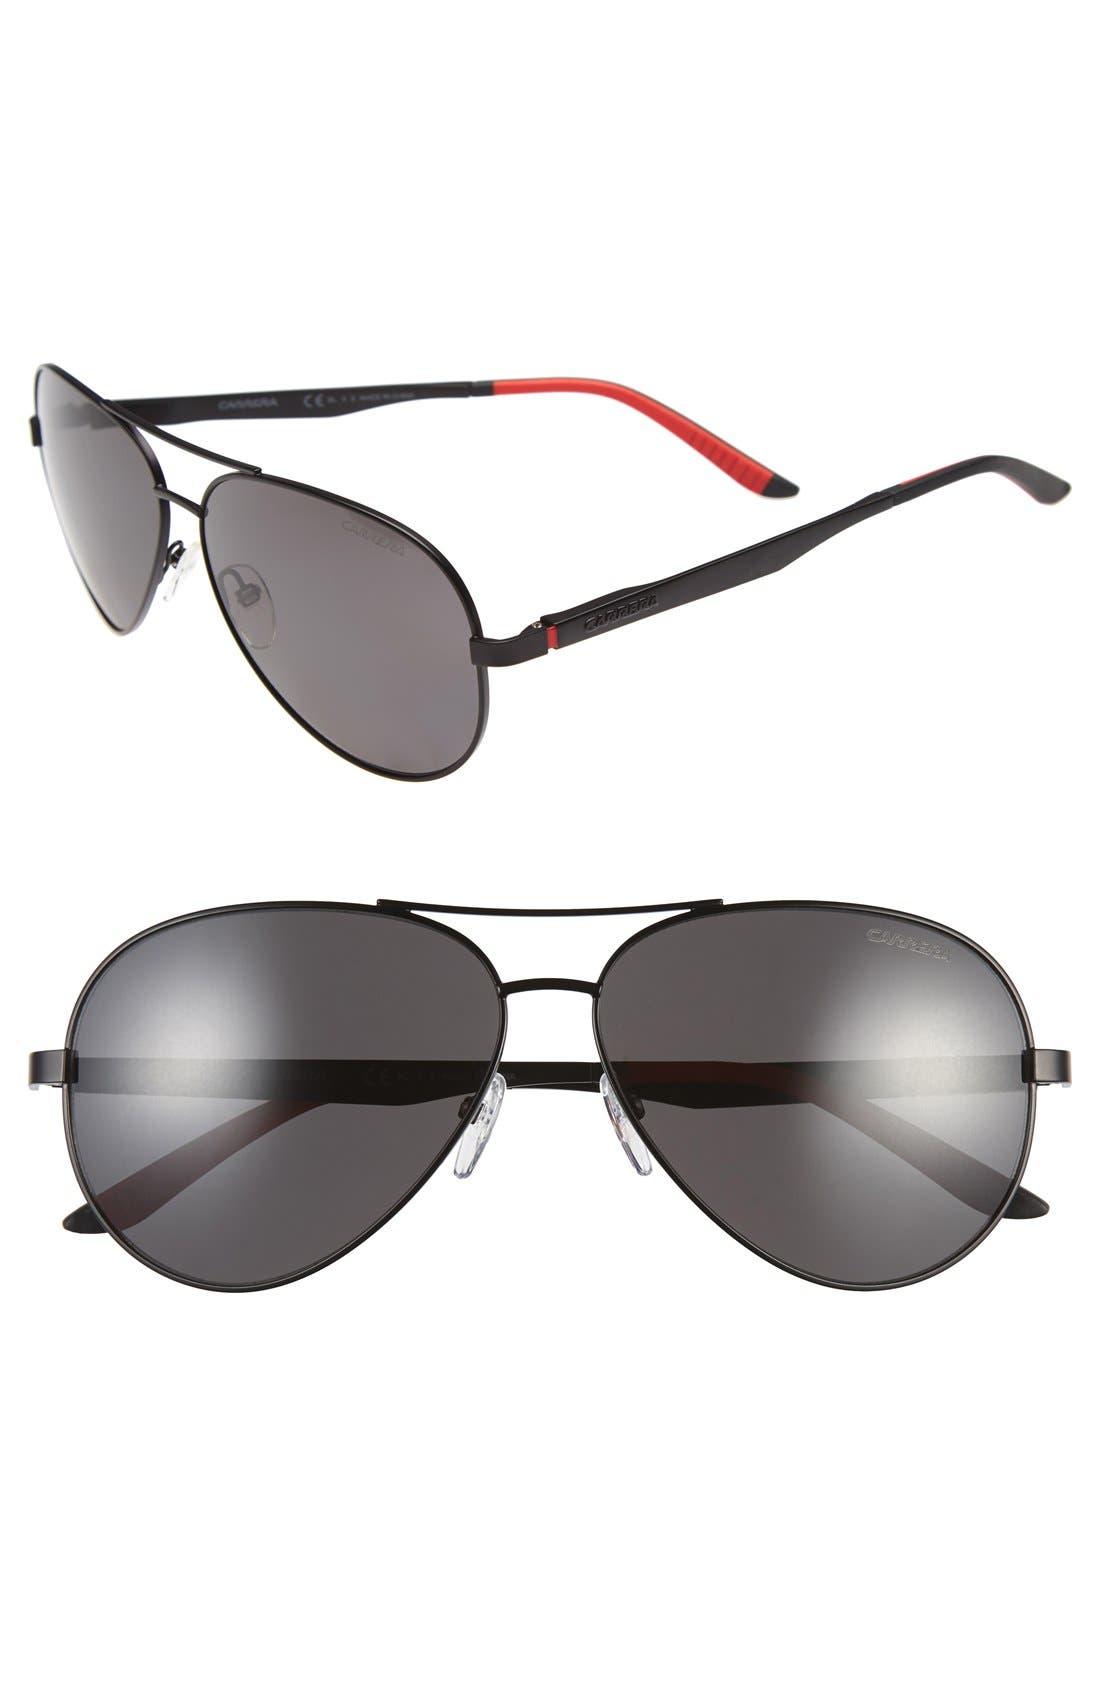 59mm Metal Aviator Sunglasses,                             Main thumbnail 1, color,                             MATTE BLACK/ GREY